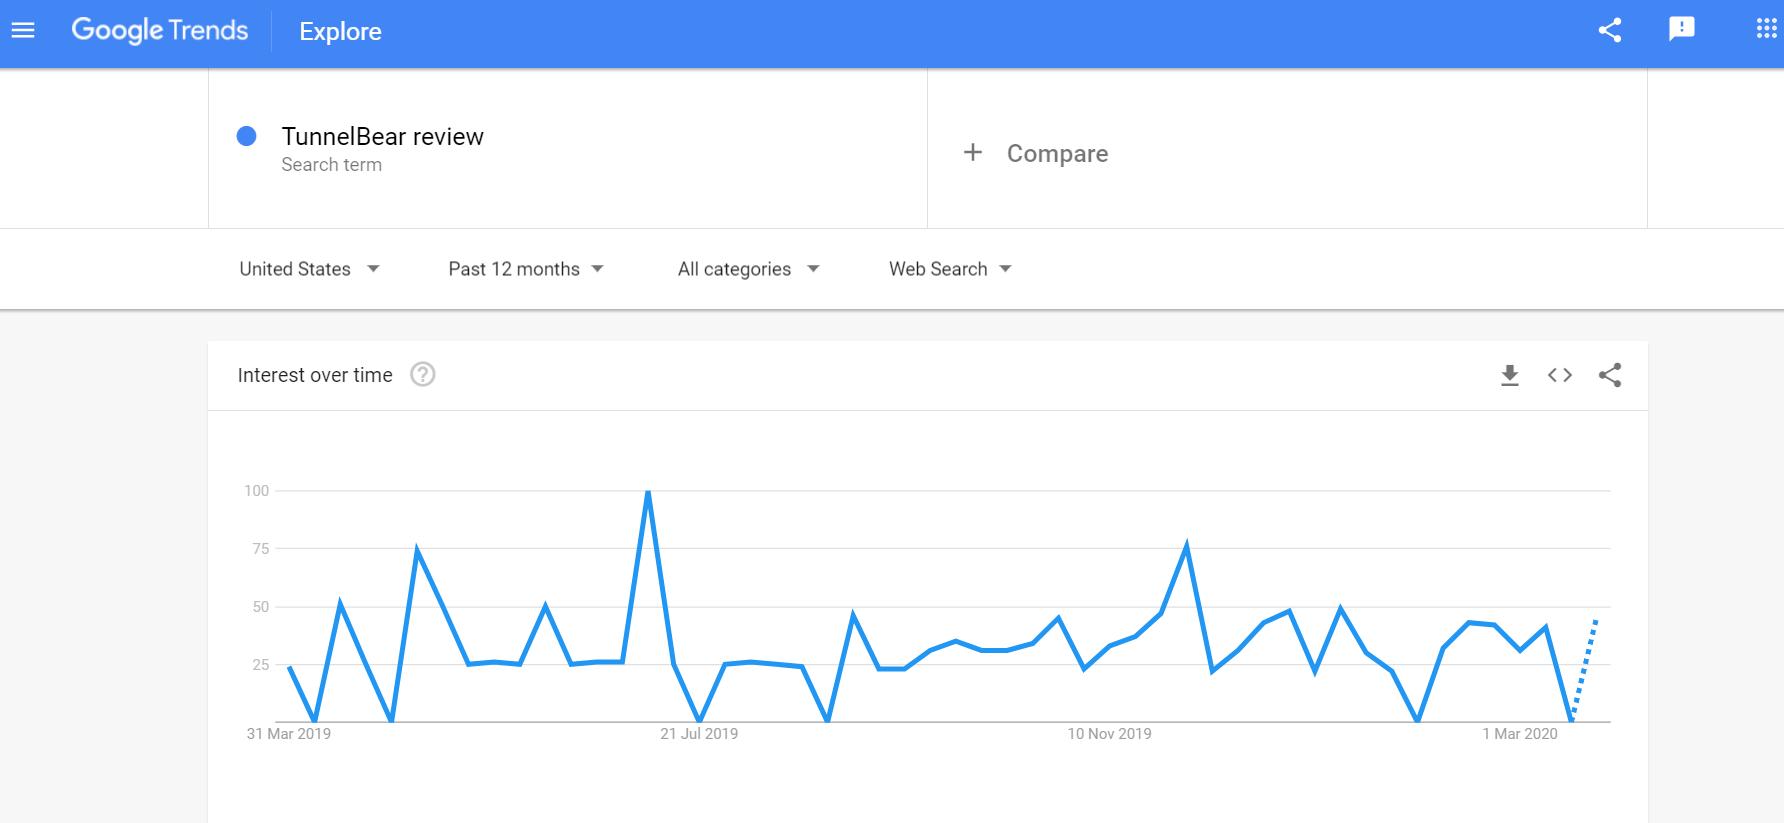 TunnelBear VPN Review Trends